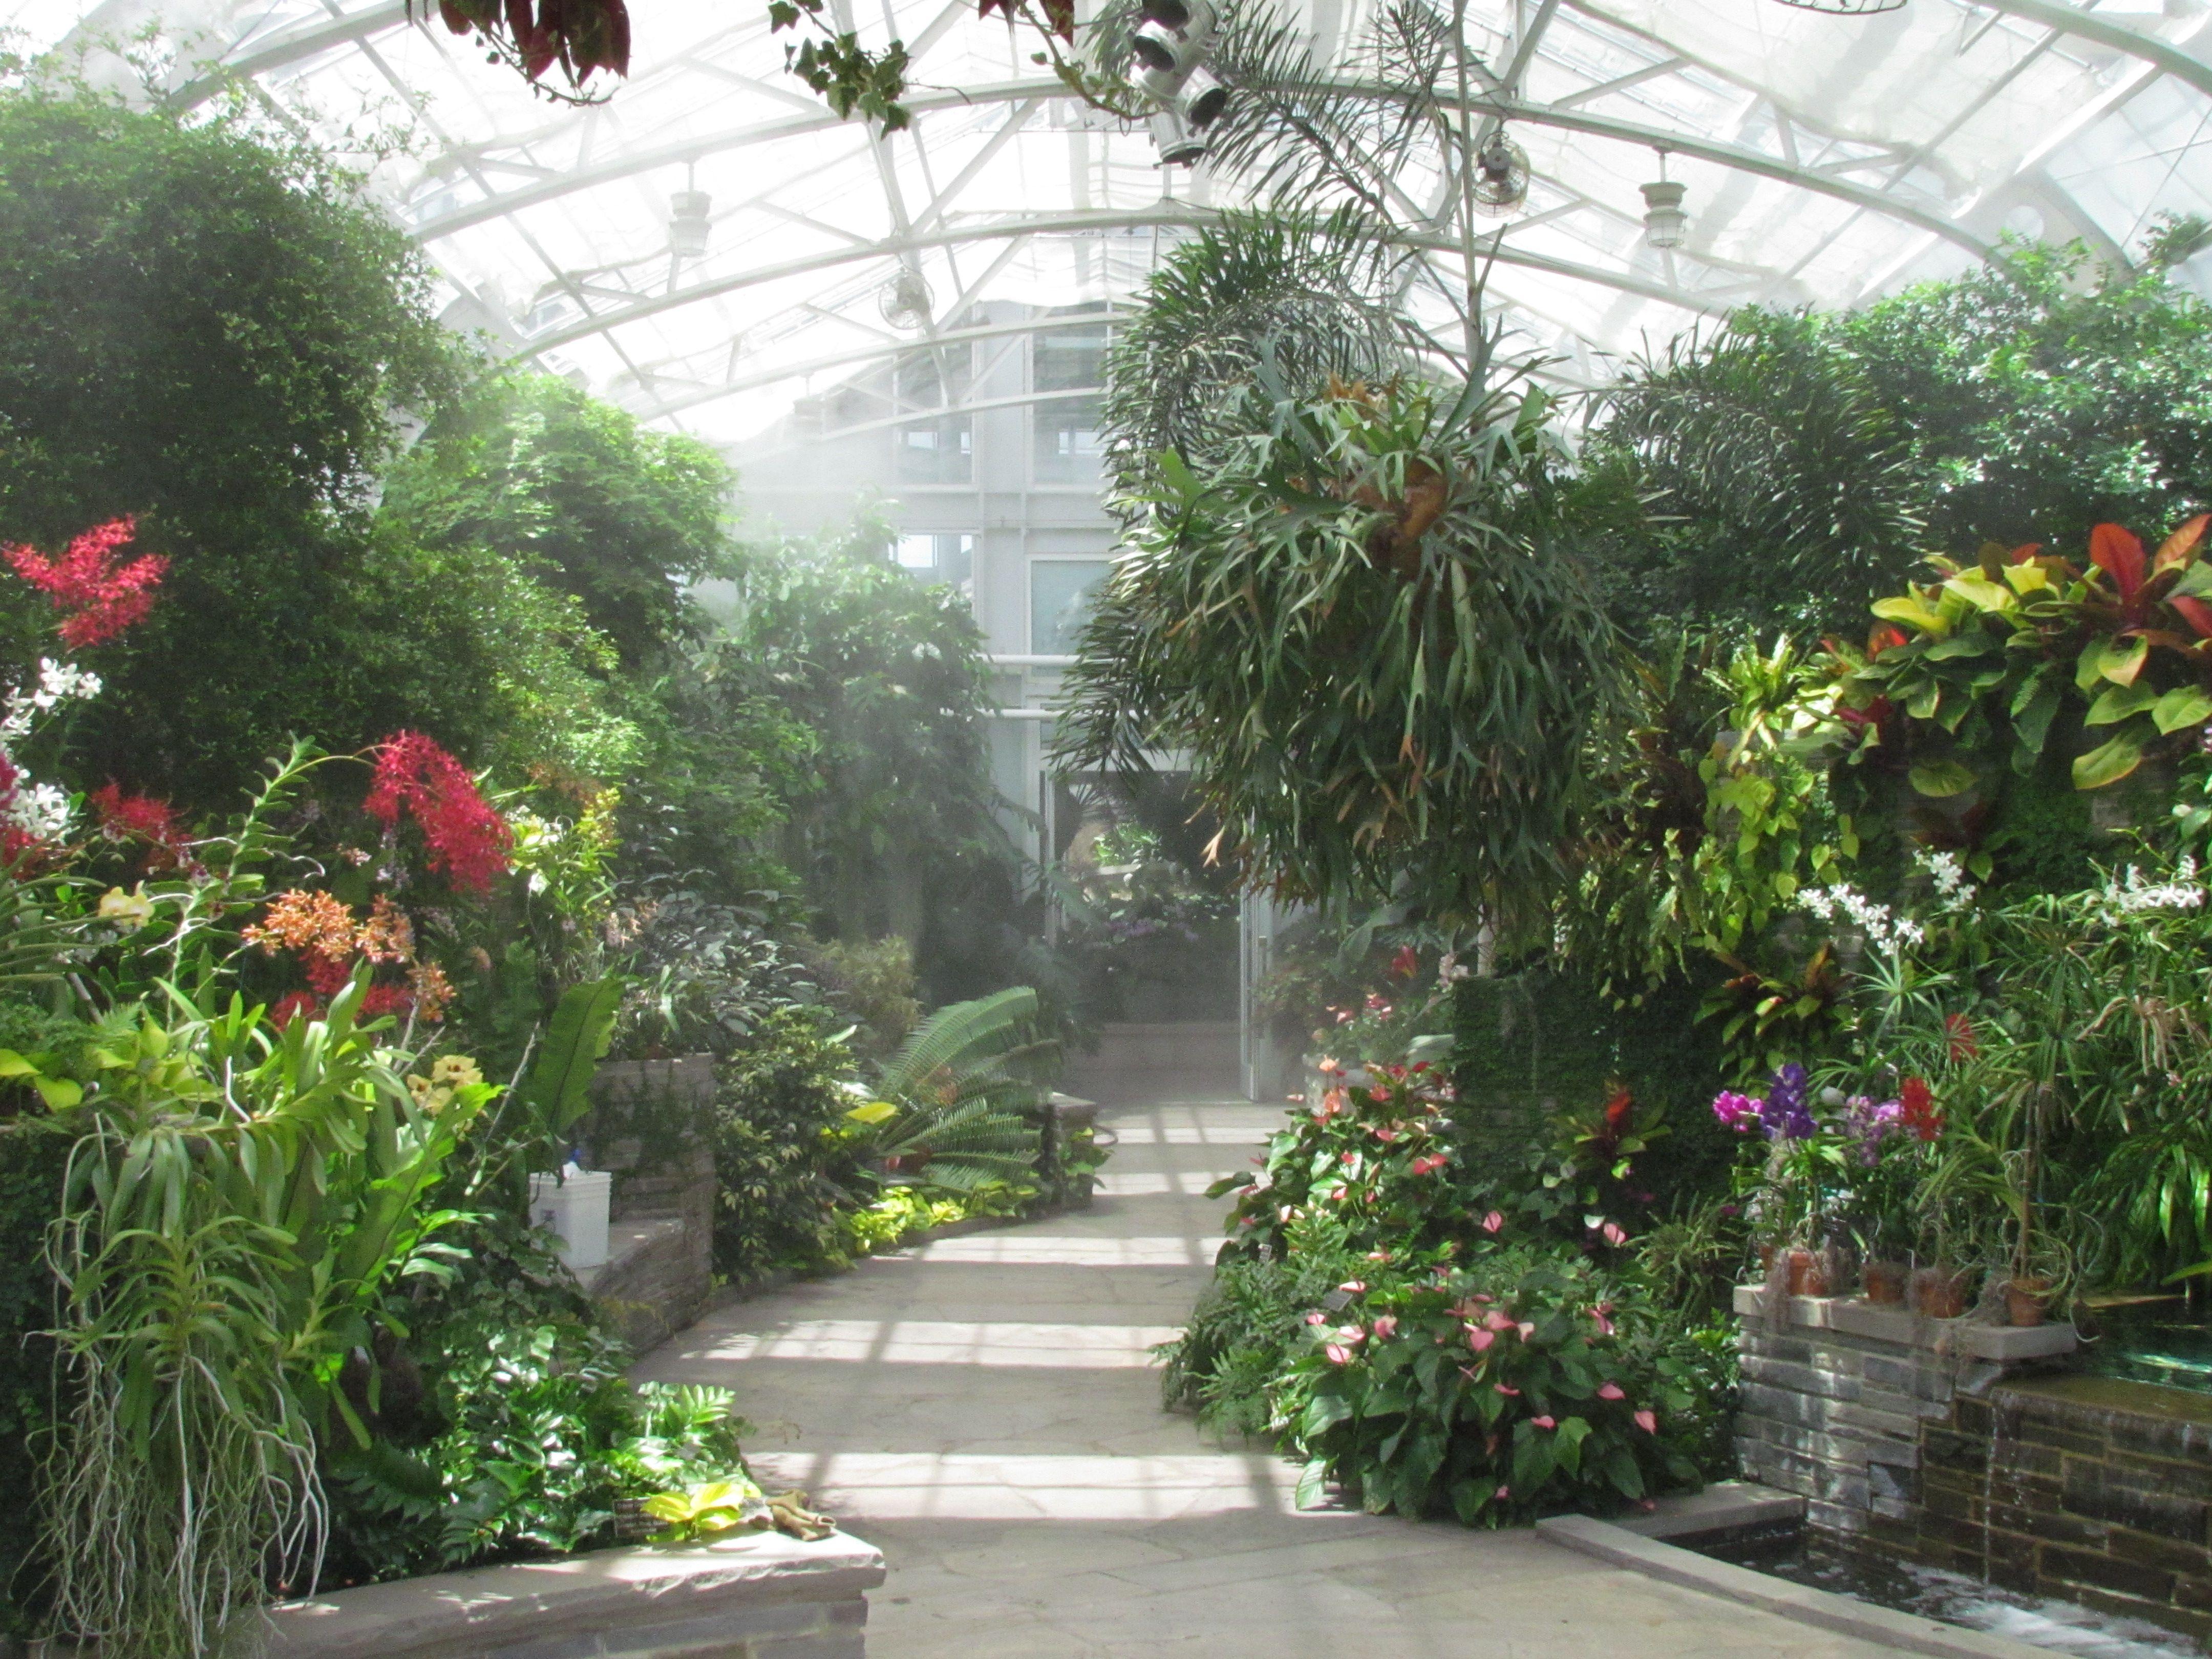 Inside The Conservatory At The Lewis Ginter Botanical Garden Botanischer Garten Garten